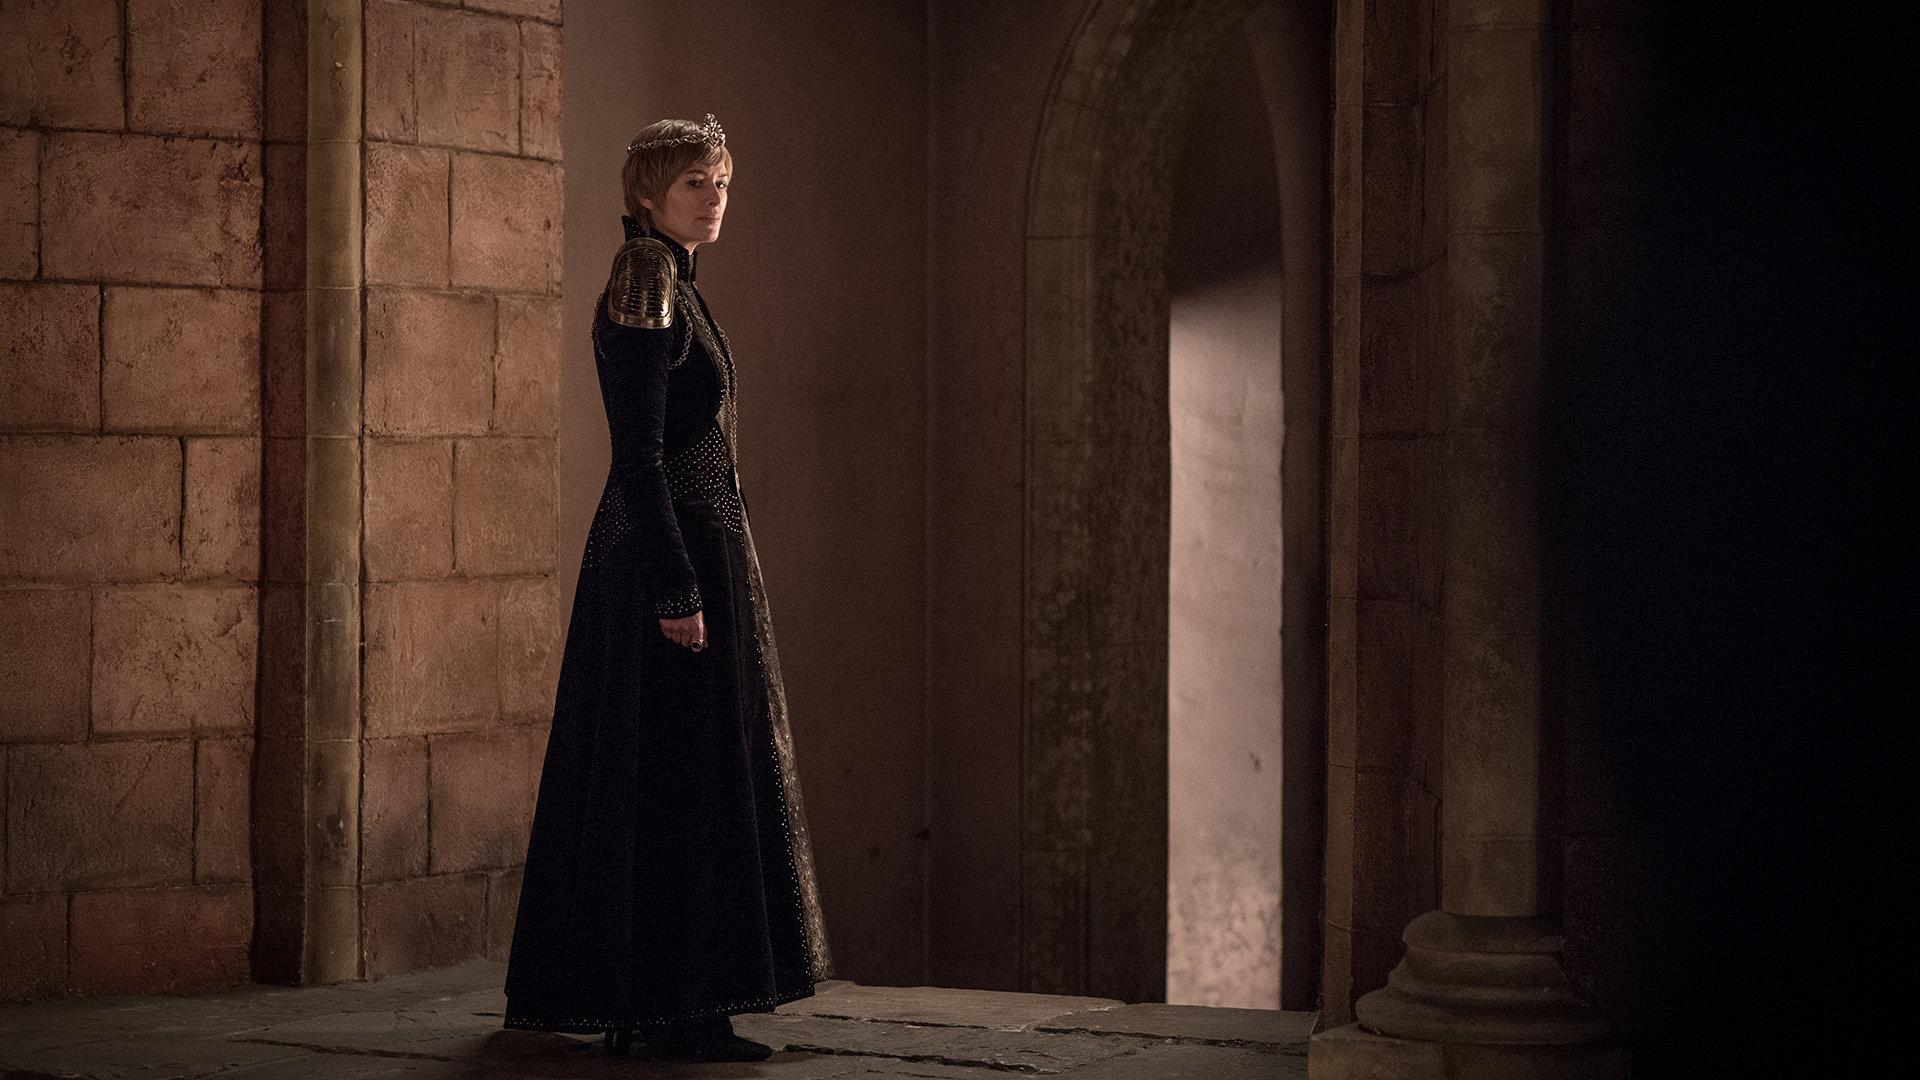 BLOGUE Pourquoi la série «Game of Thrones» est-elle aussi